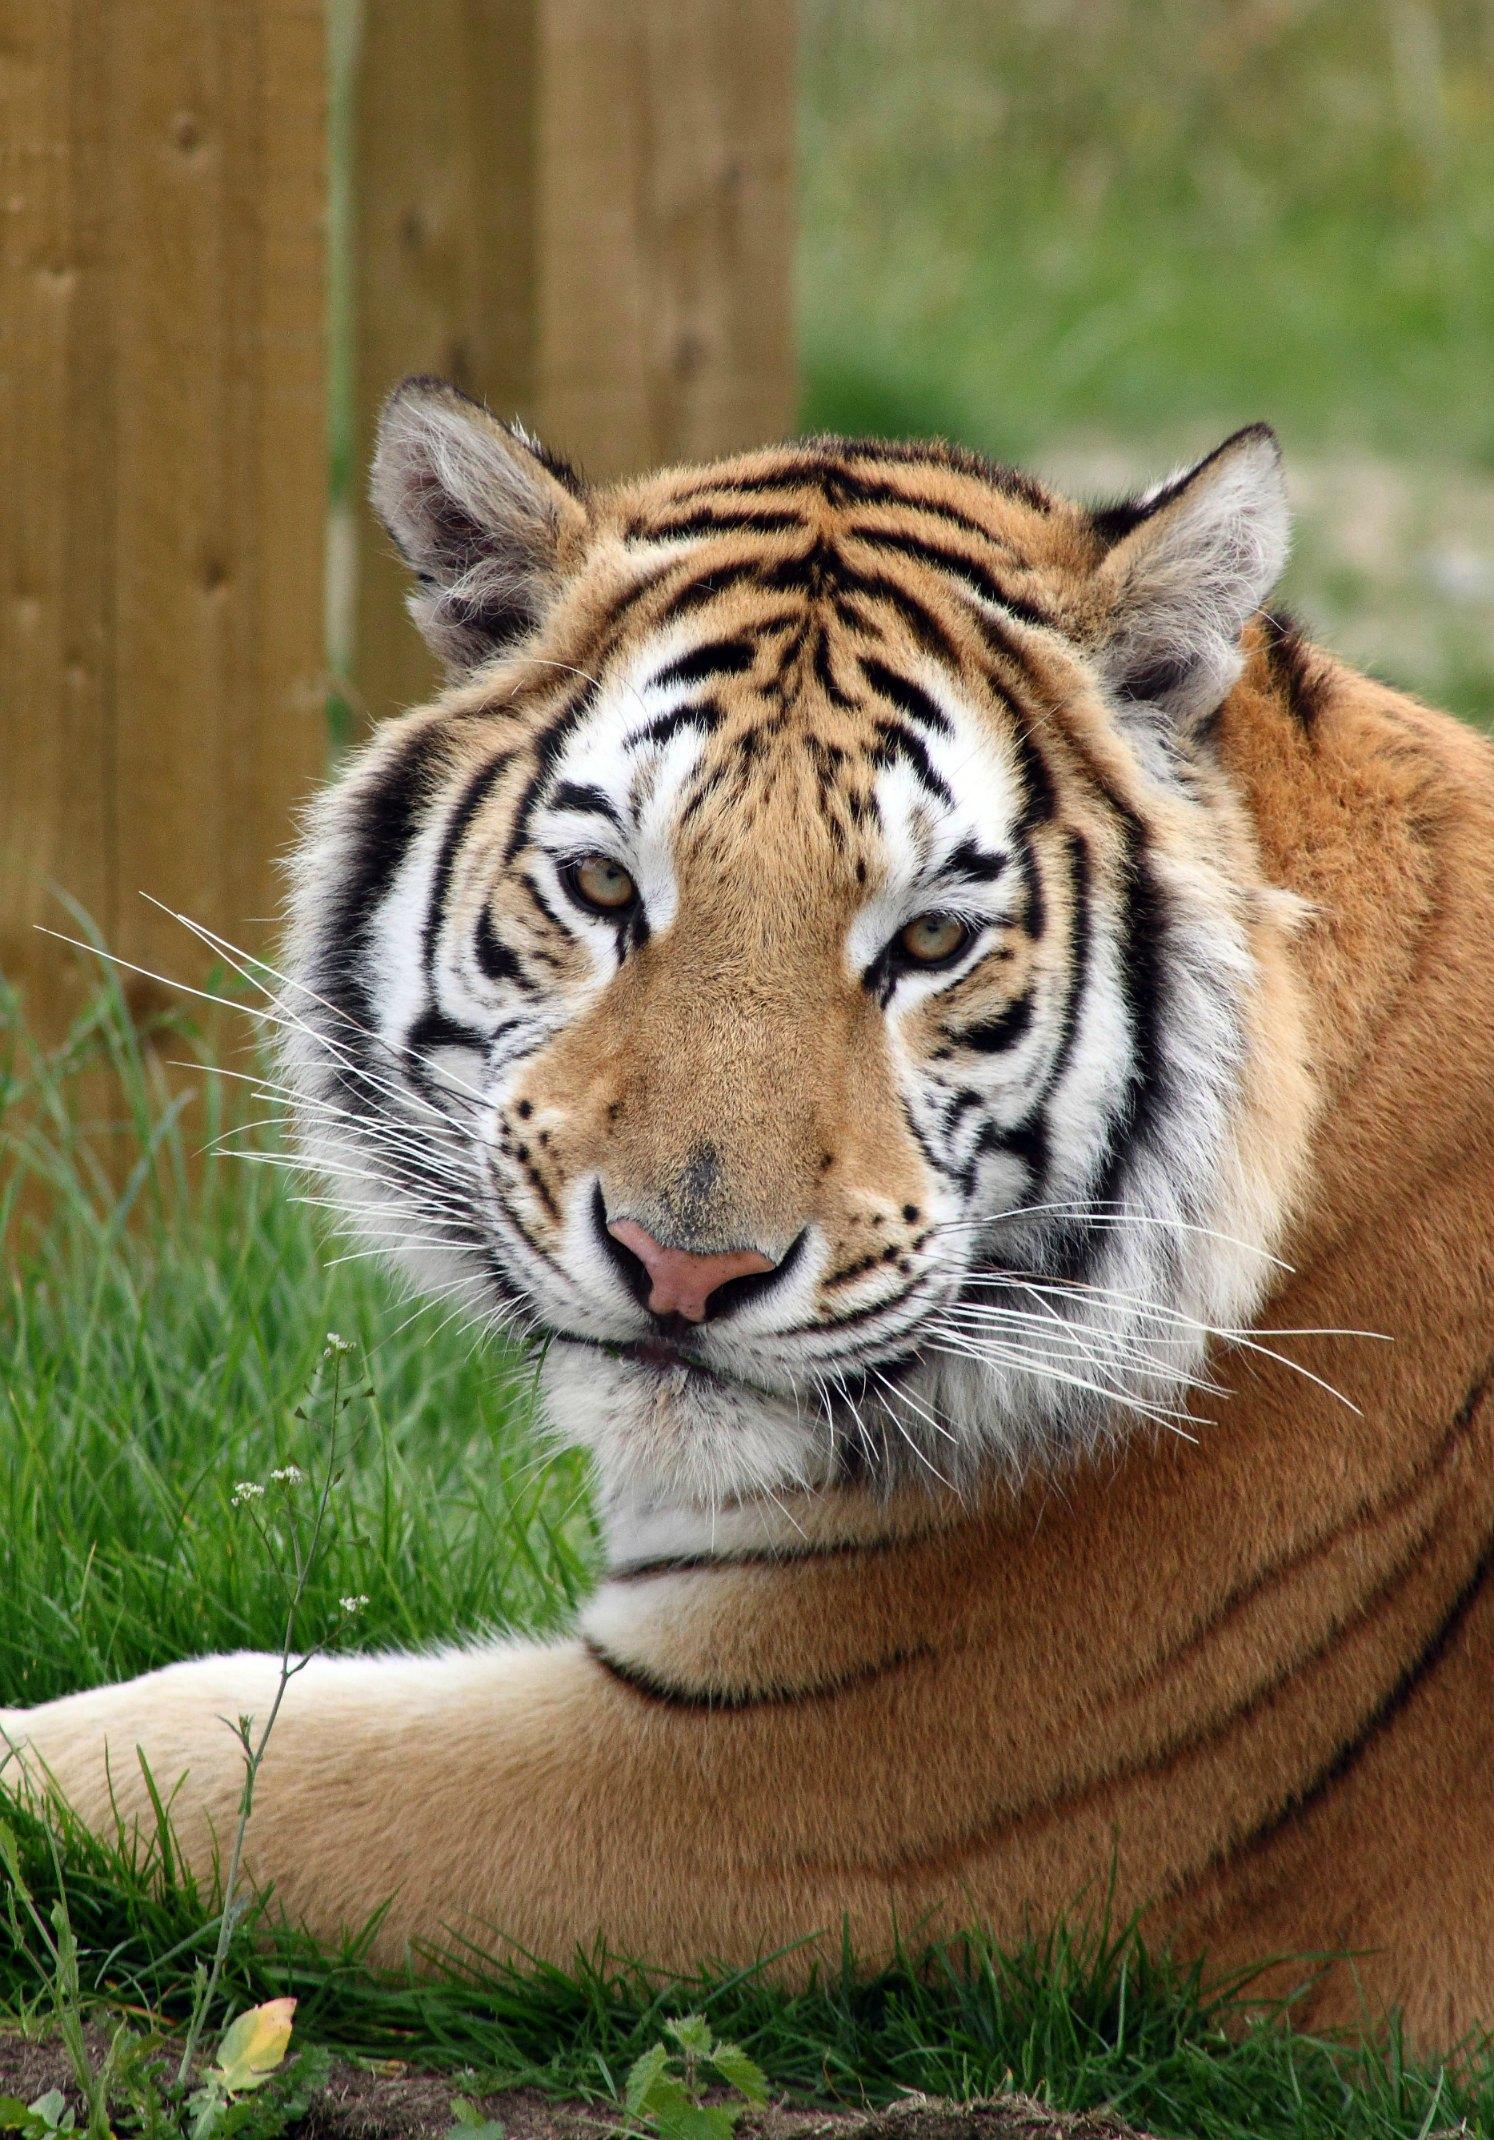 tiger_noah's ark